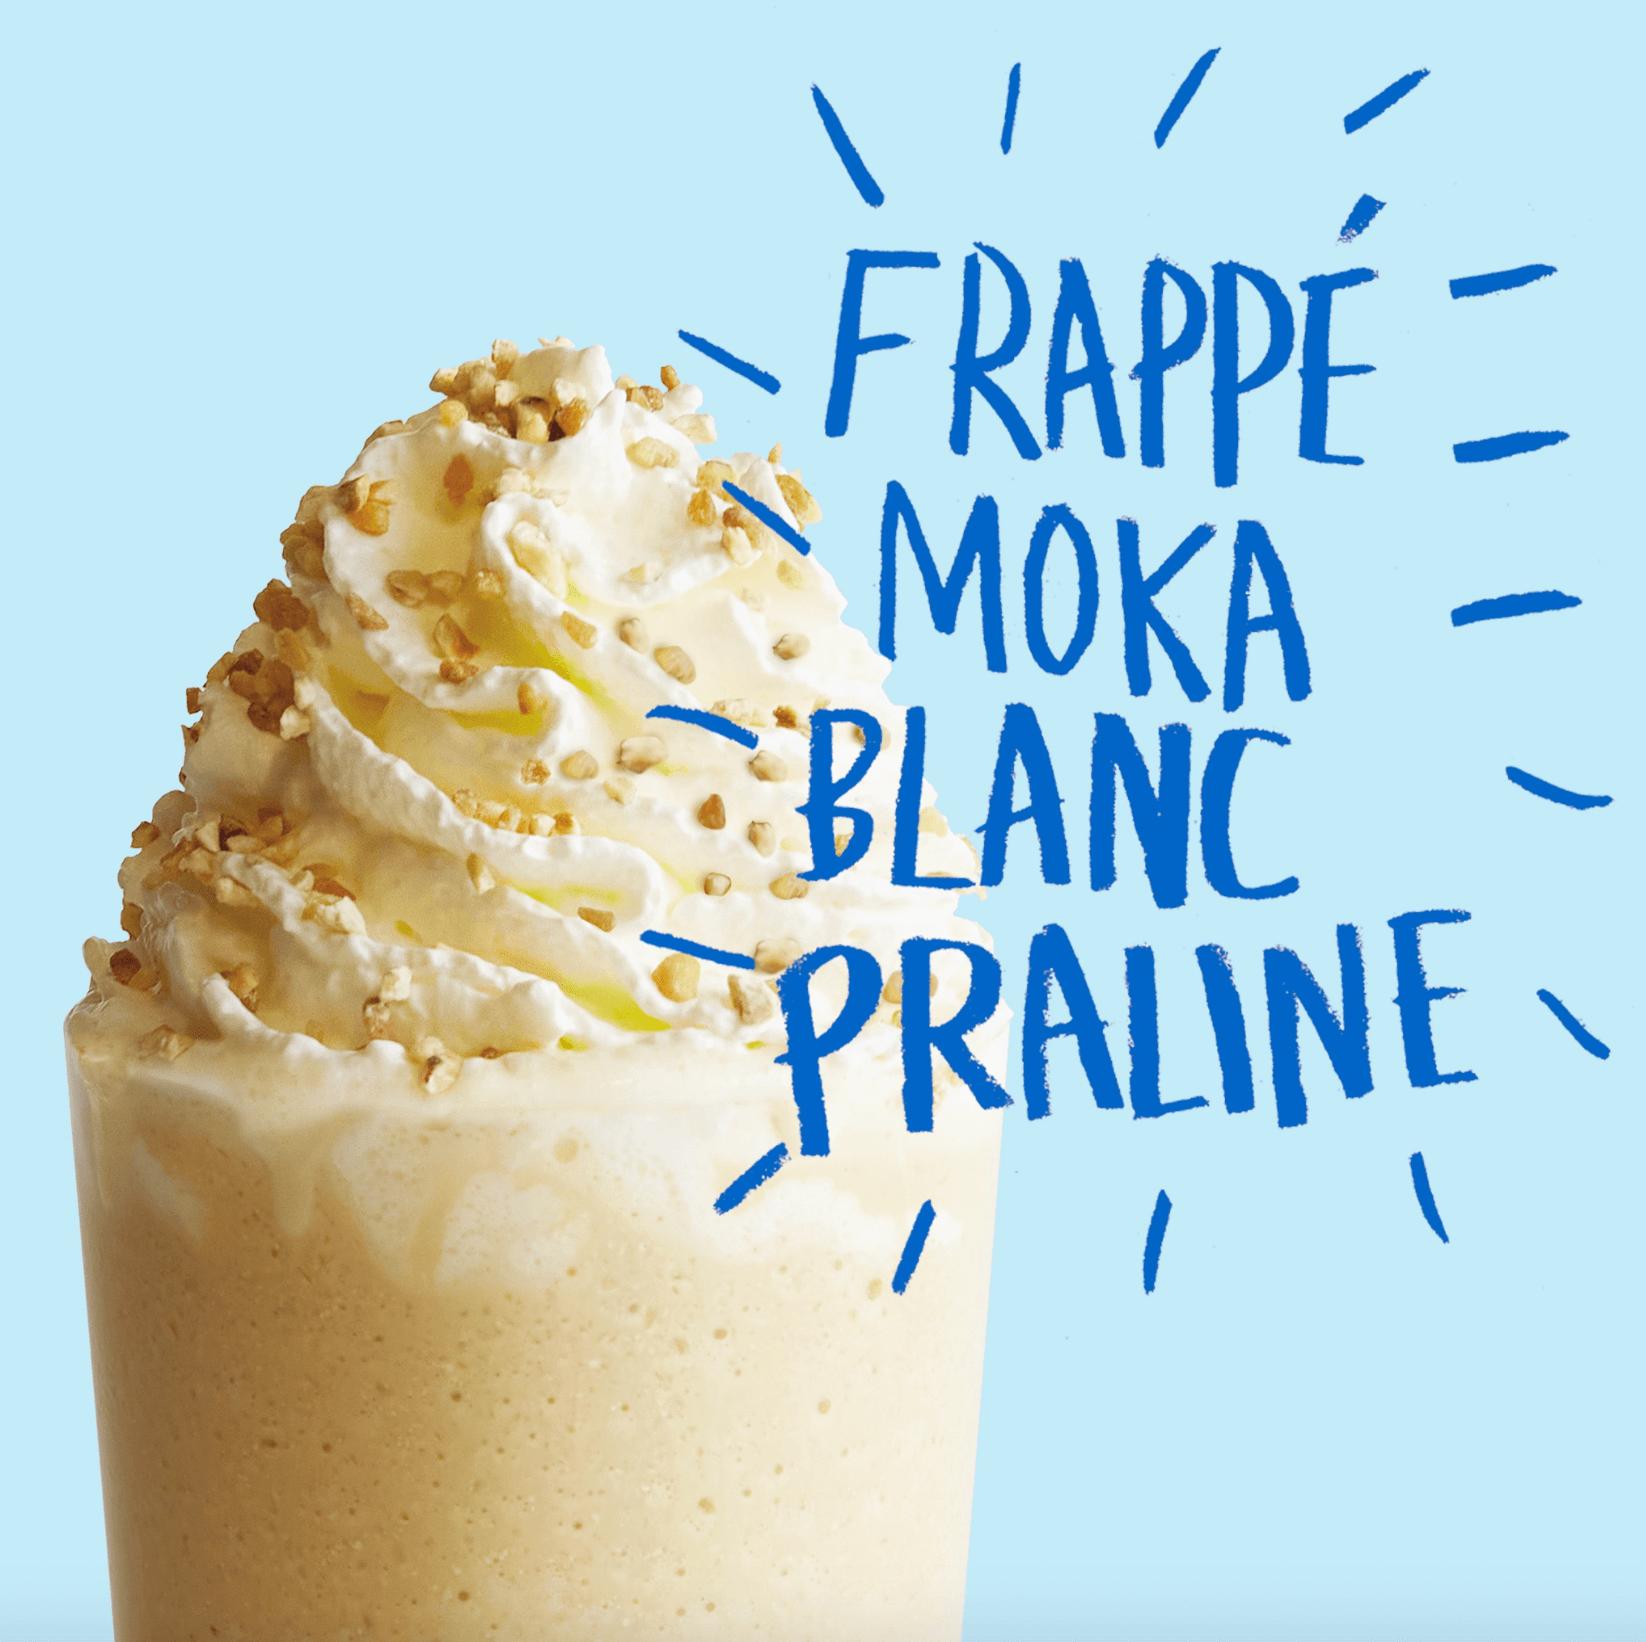 Le Frappé Moka blanc Praline pour les gourmands !